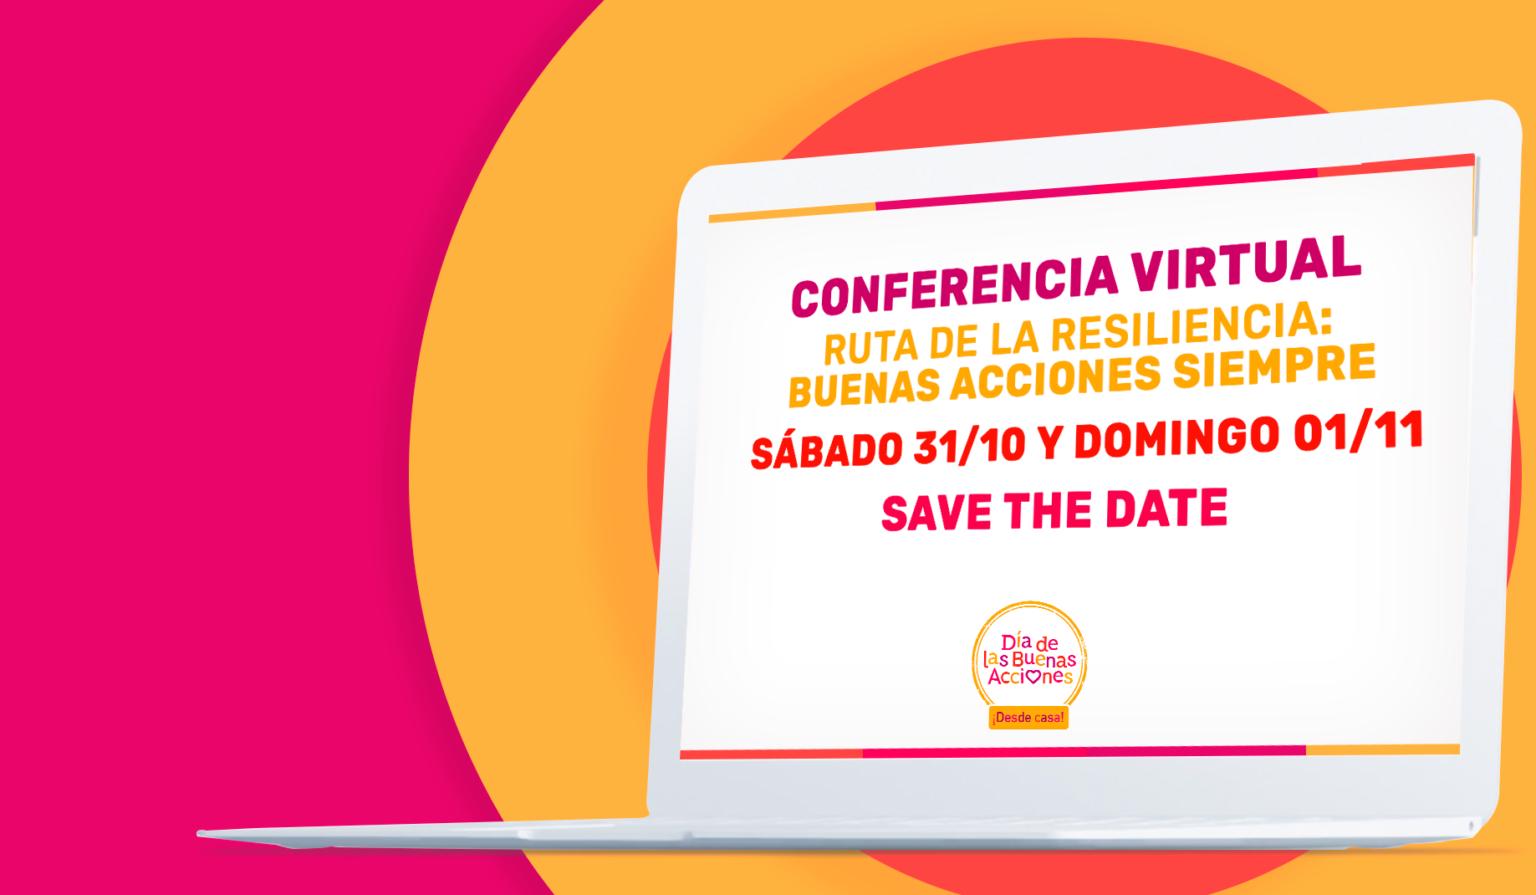 Conferencia Virtual para América Latina 2